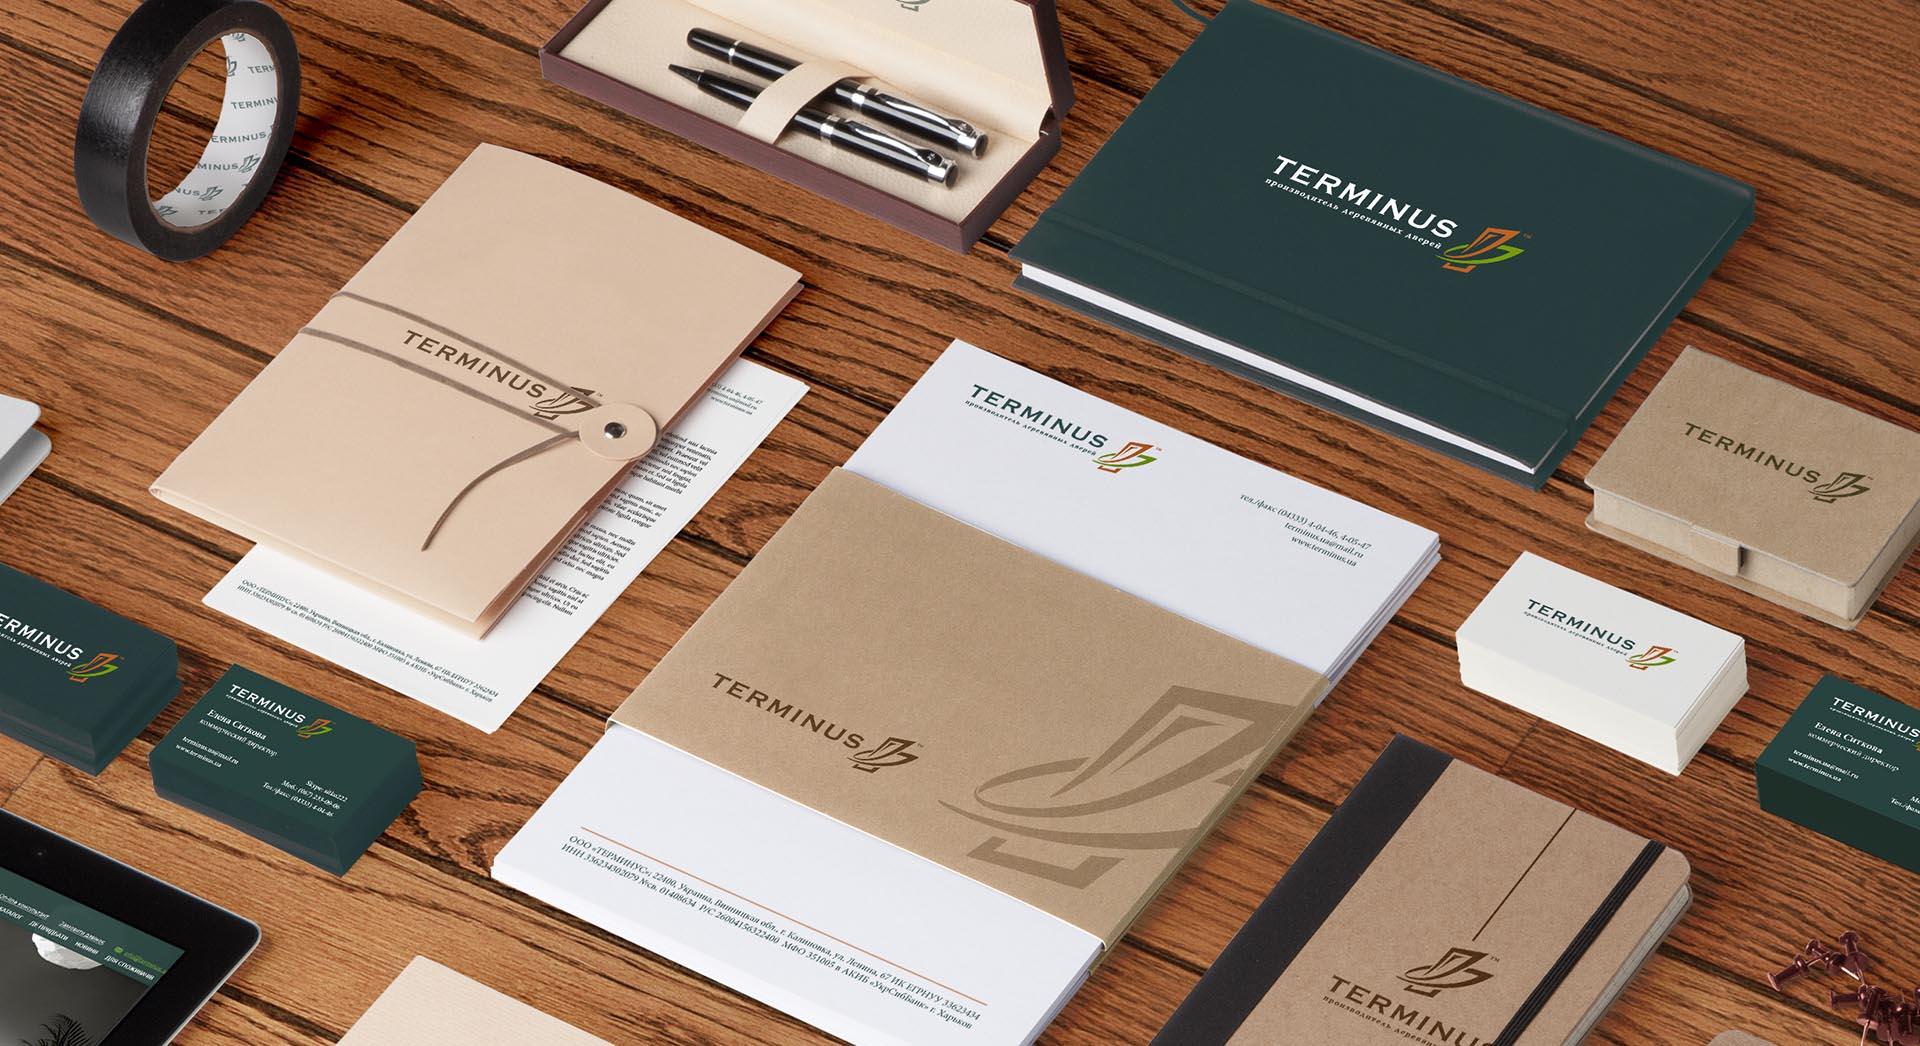 Разработка фирменного знака и брендбука производителя дверей Terminus